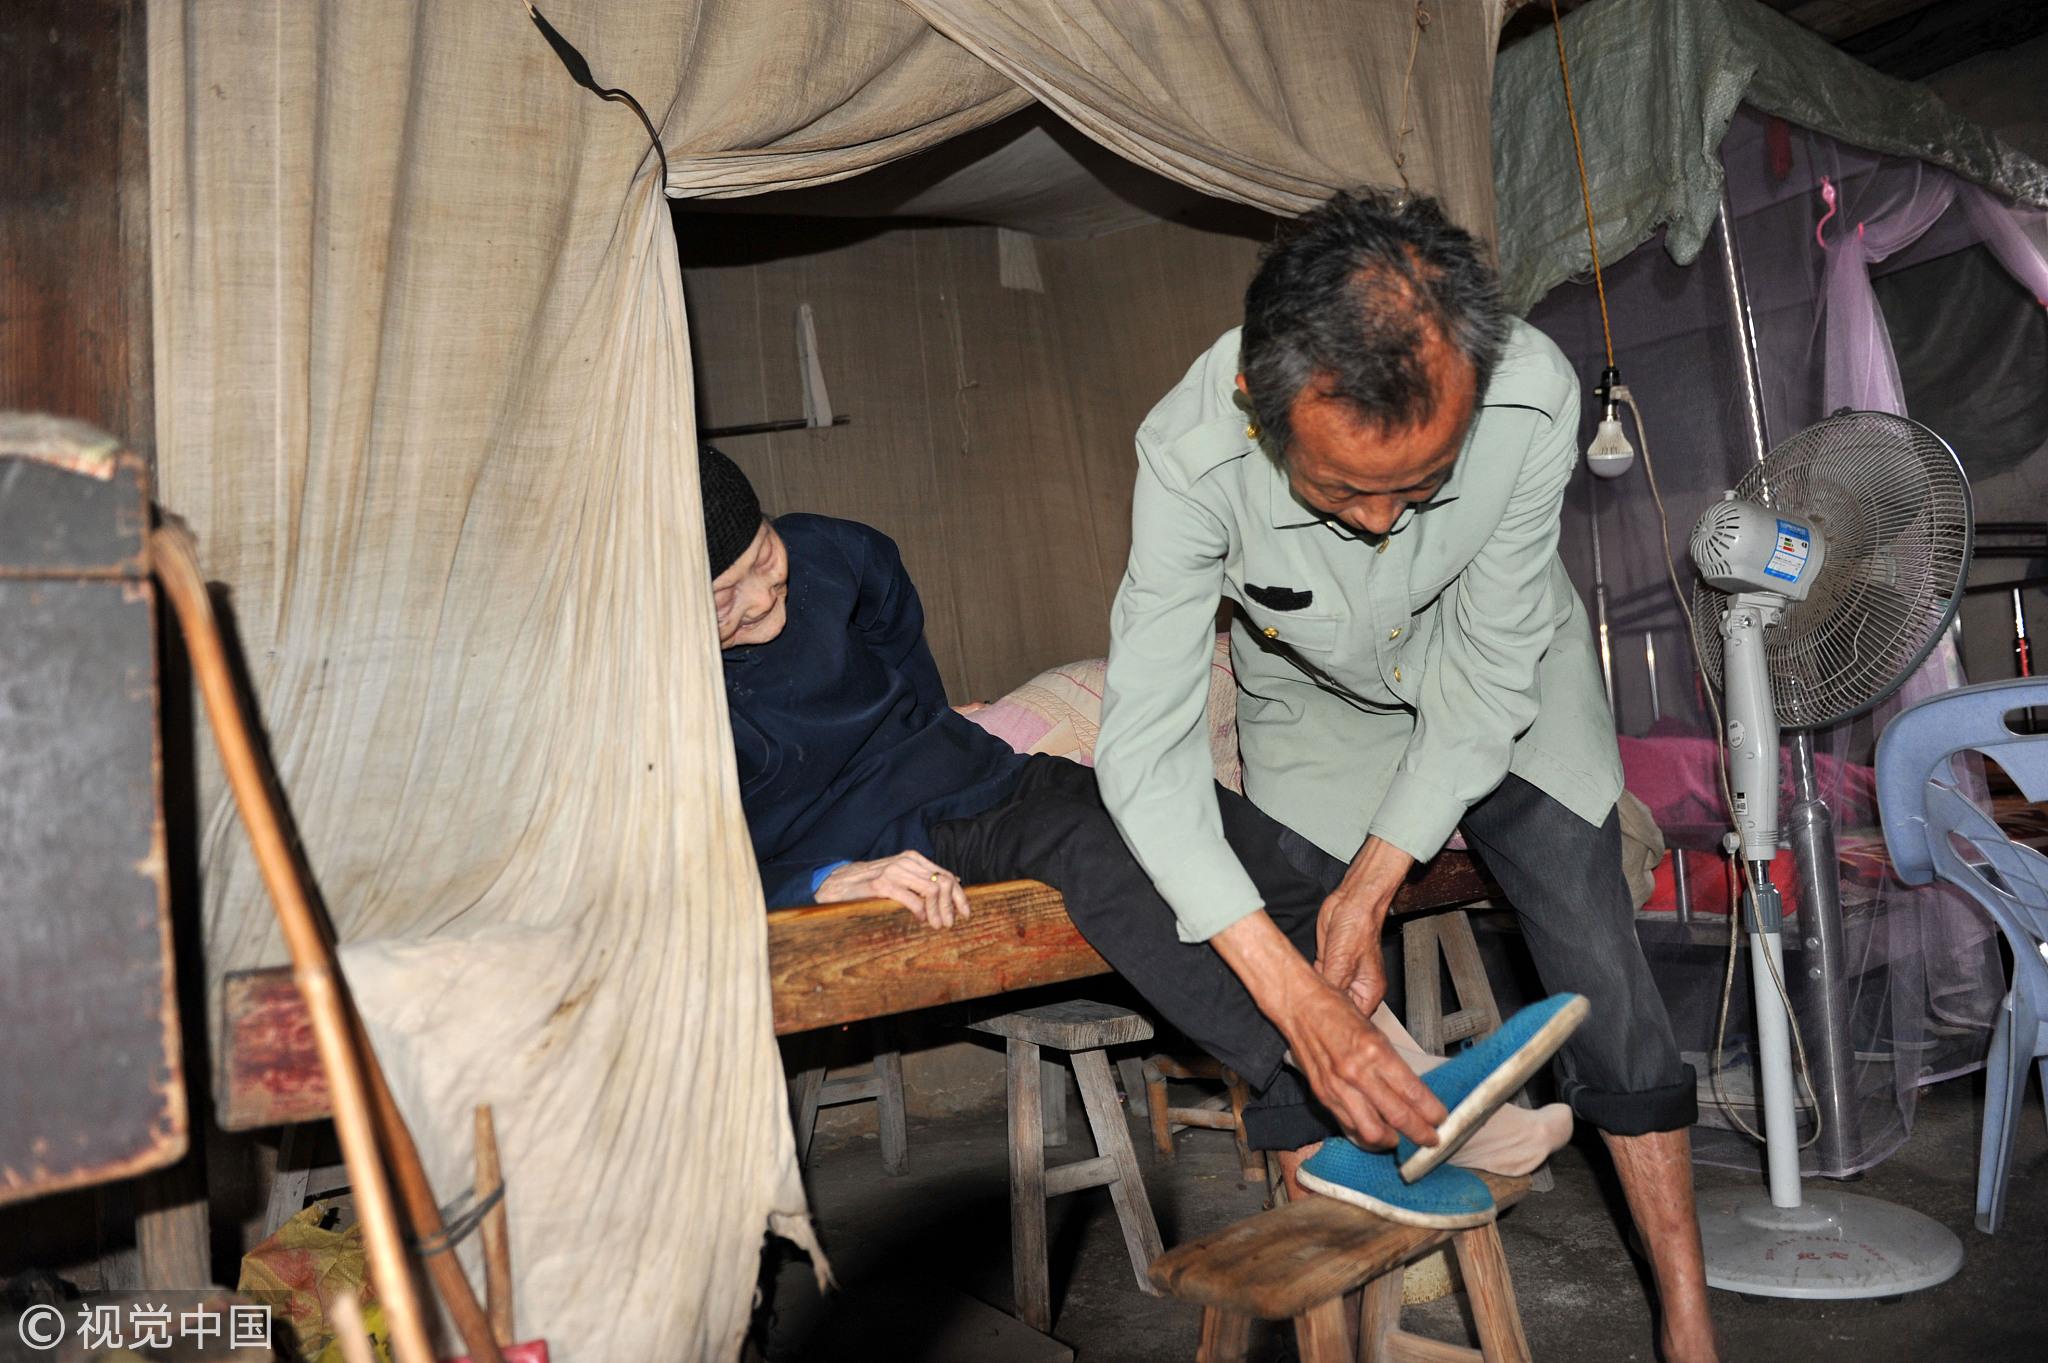 71岁女婿照顾102岁岳母34年 老人是妻子继母!!! - 周公乐 - xinhua8848 的博客